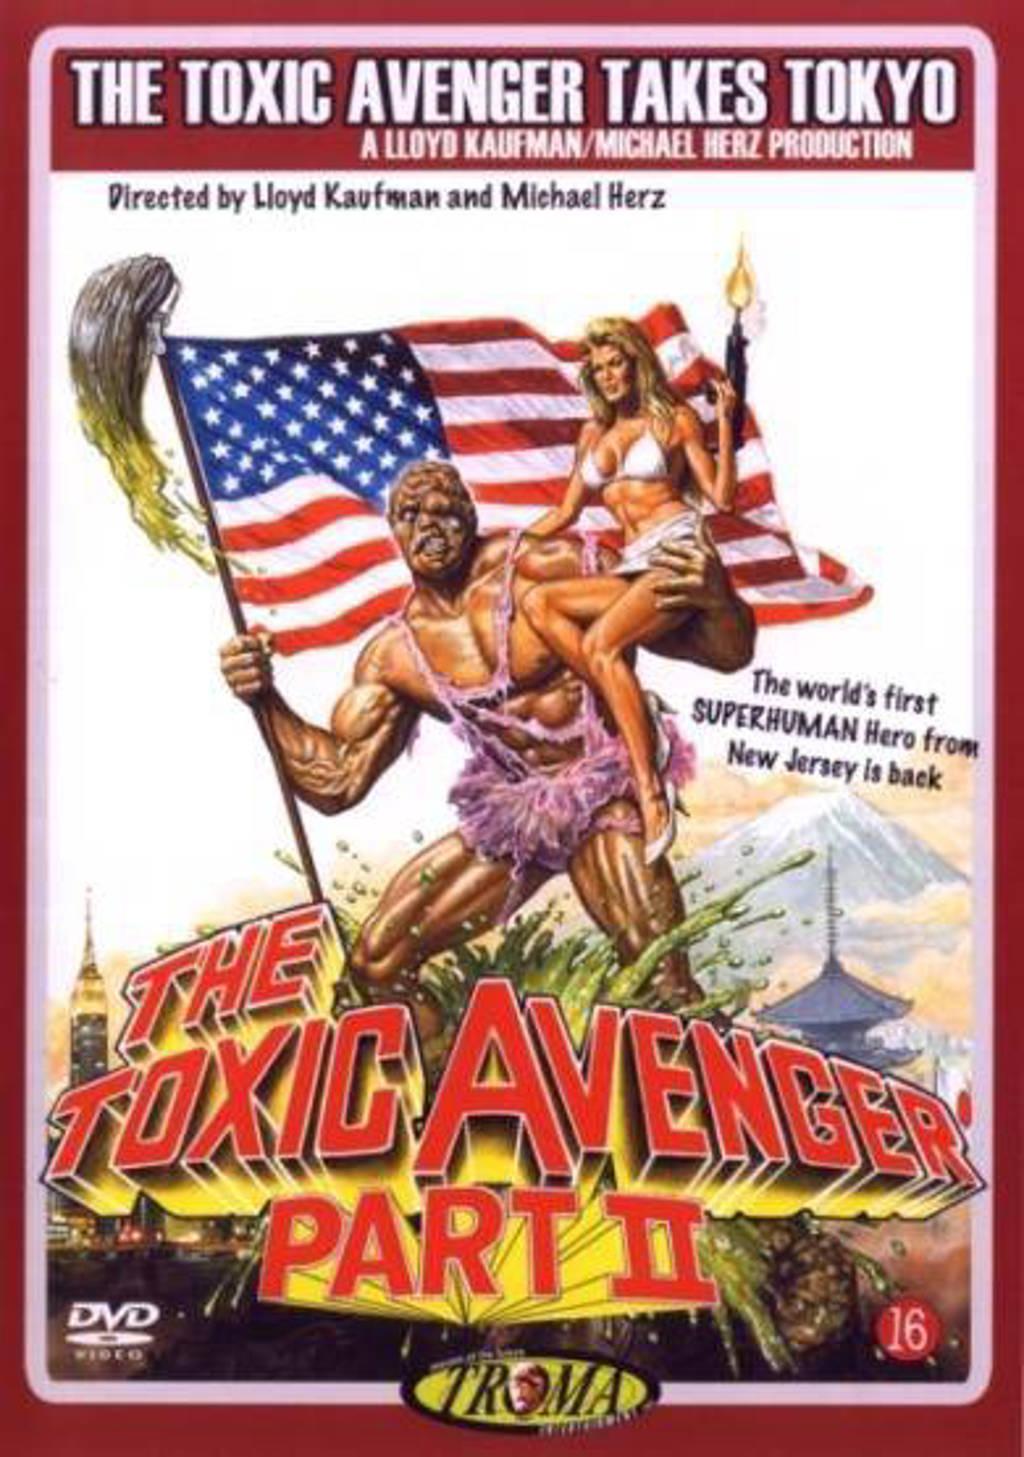 Toxic avenger 2 (DVD)